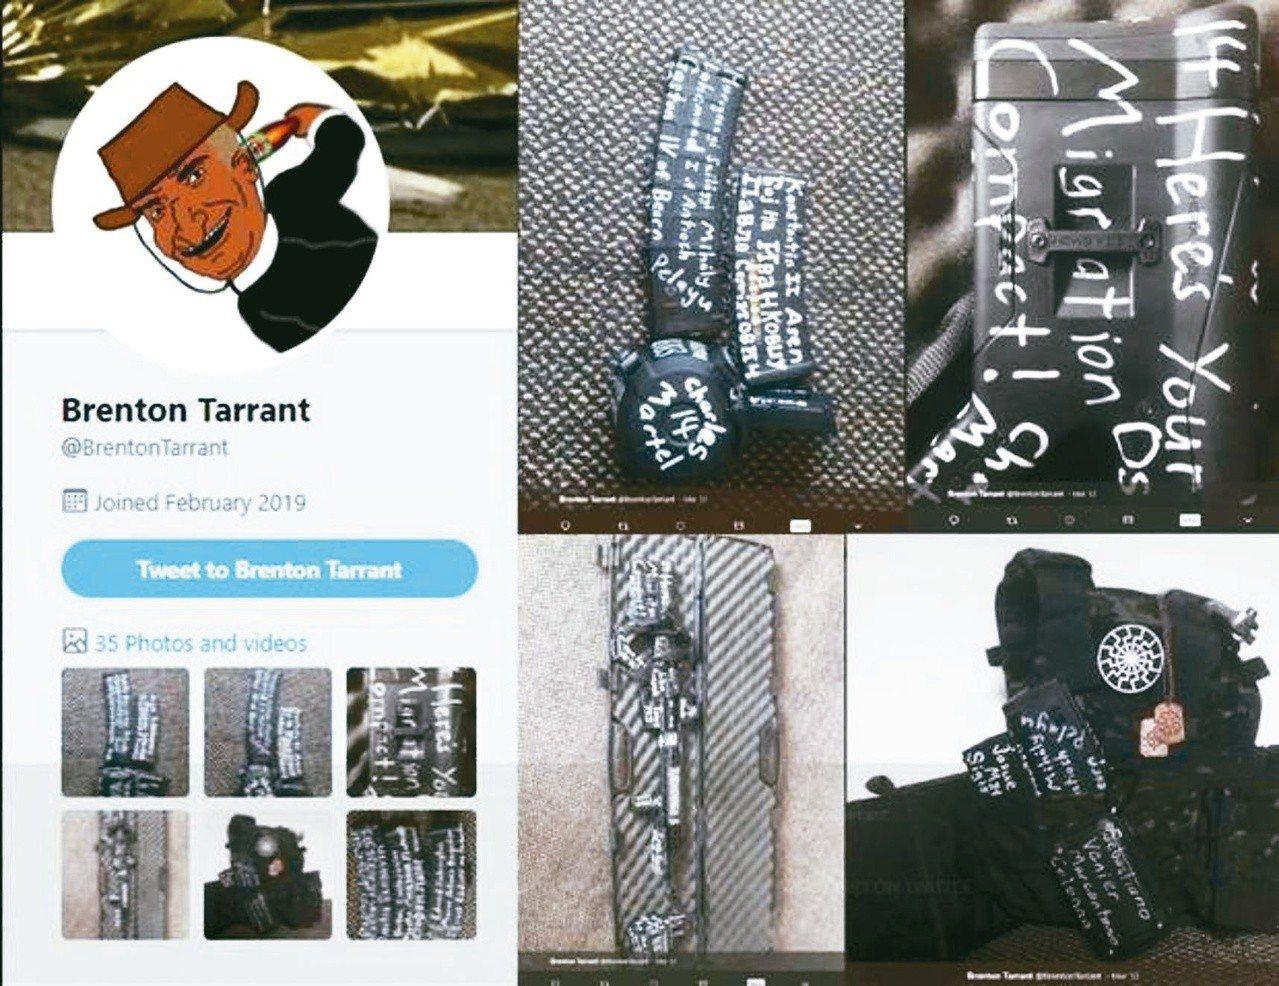 紐西蘭基督城爆發大規模槍擊案,主嫌塔倫在網路發表犯罪宣言。圖/摘自紐西蘭前鋒報